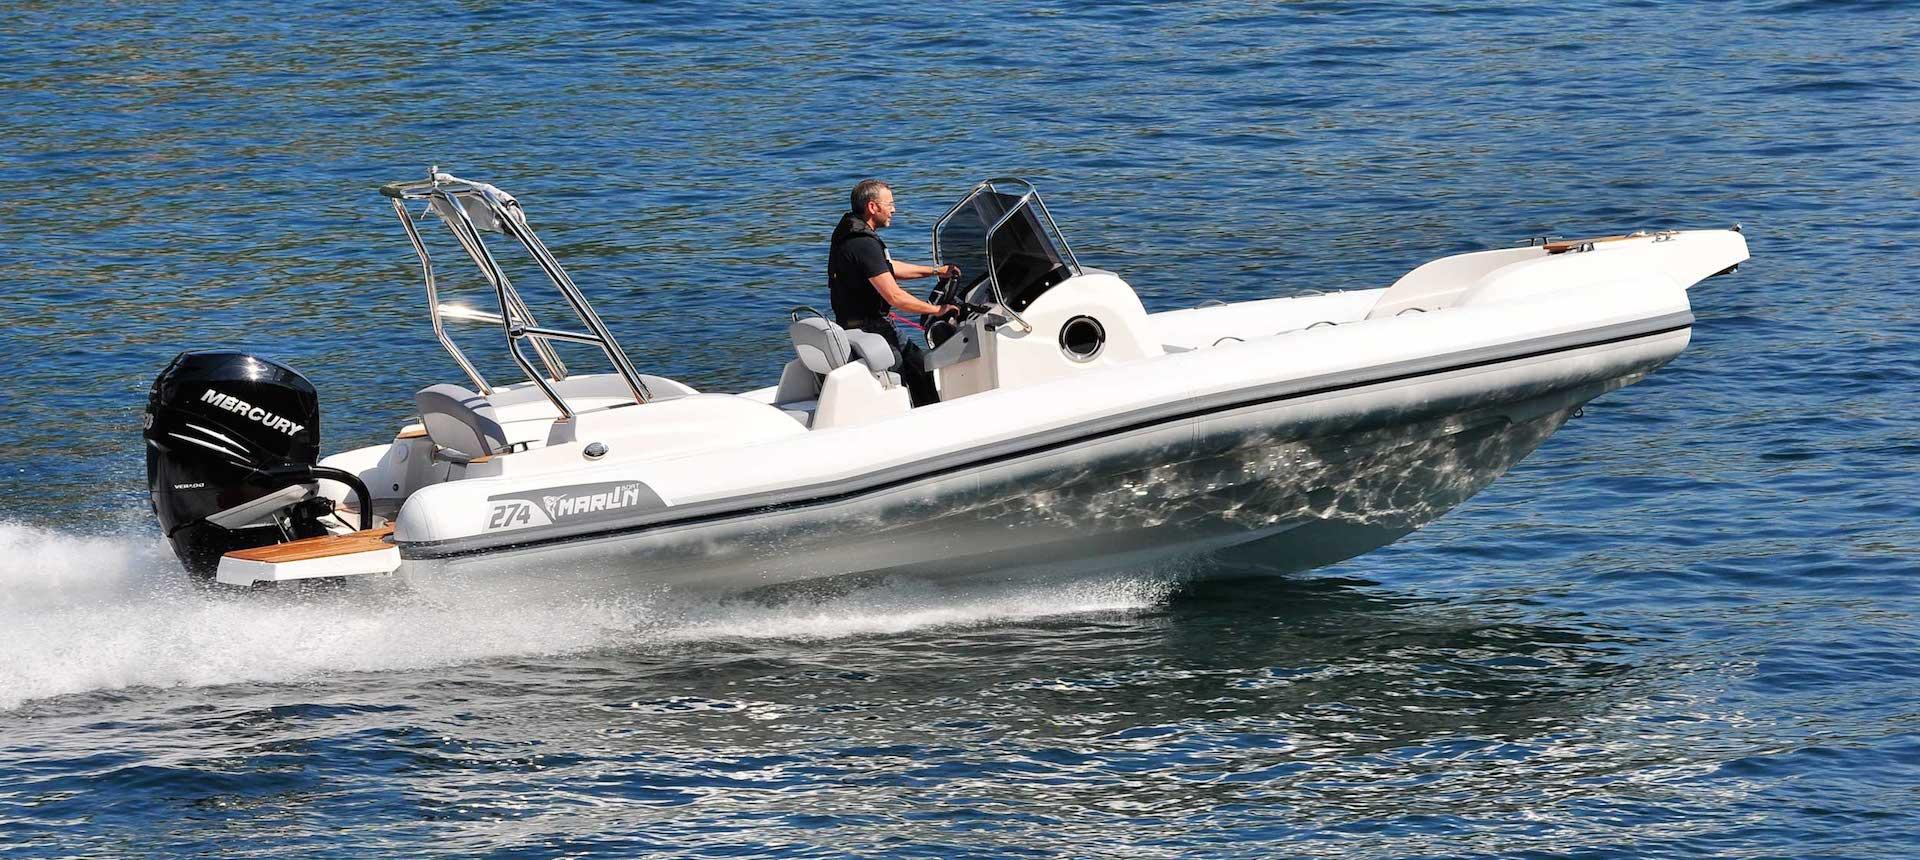 Marlin 274 Fuoribordo: PRONTA CONSEGNA